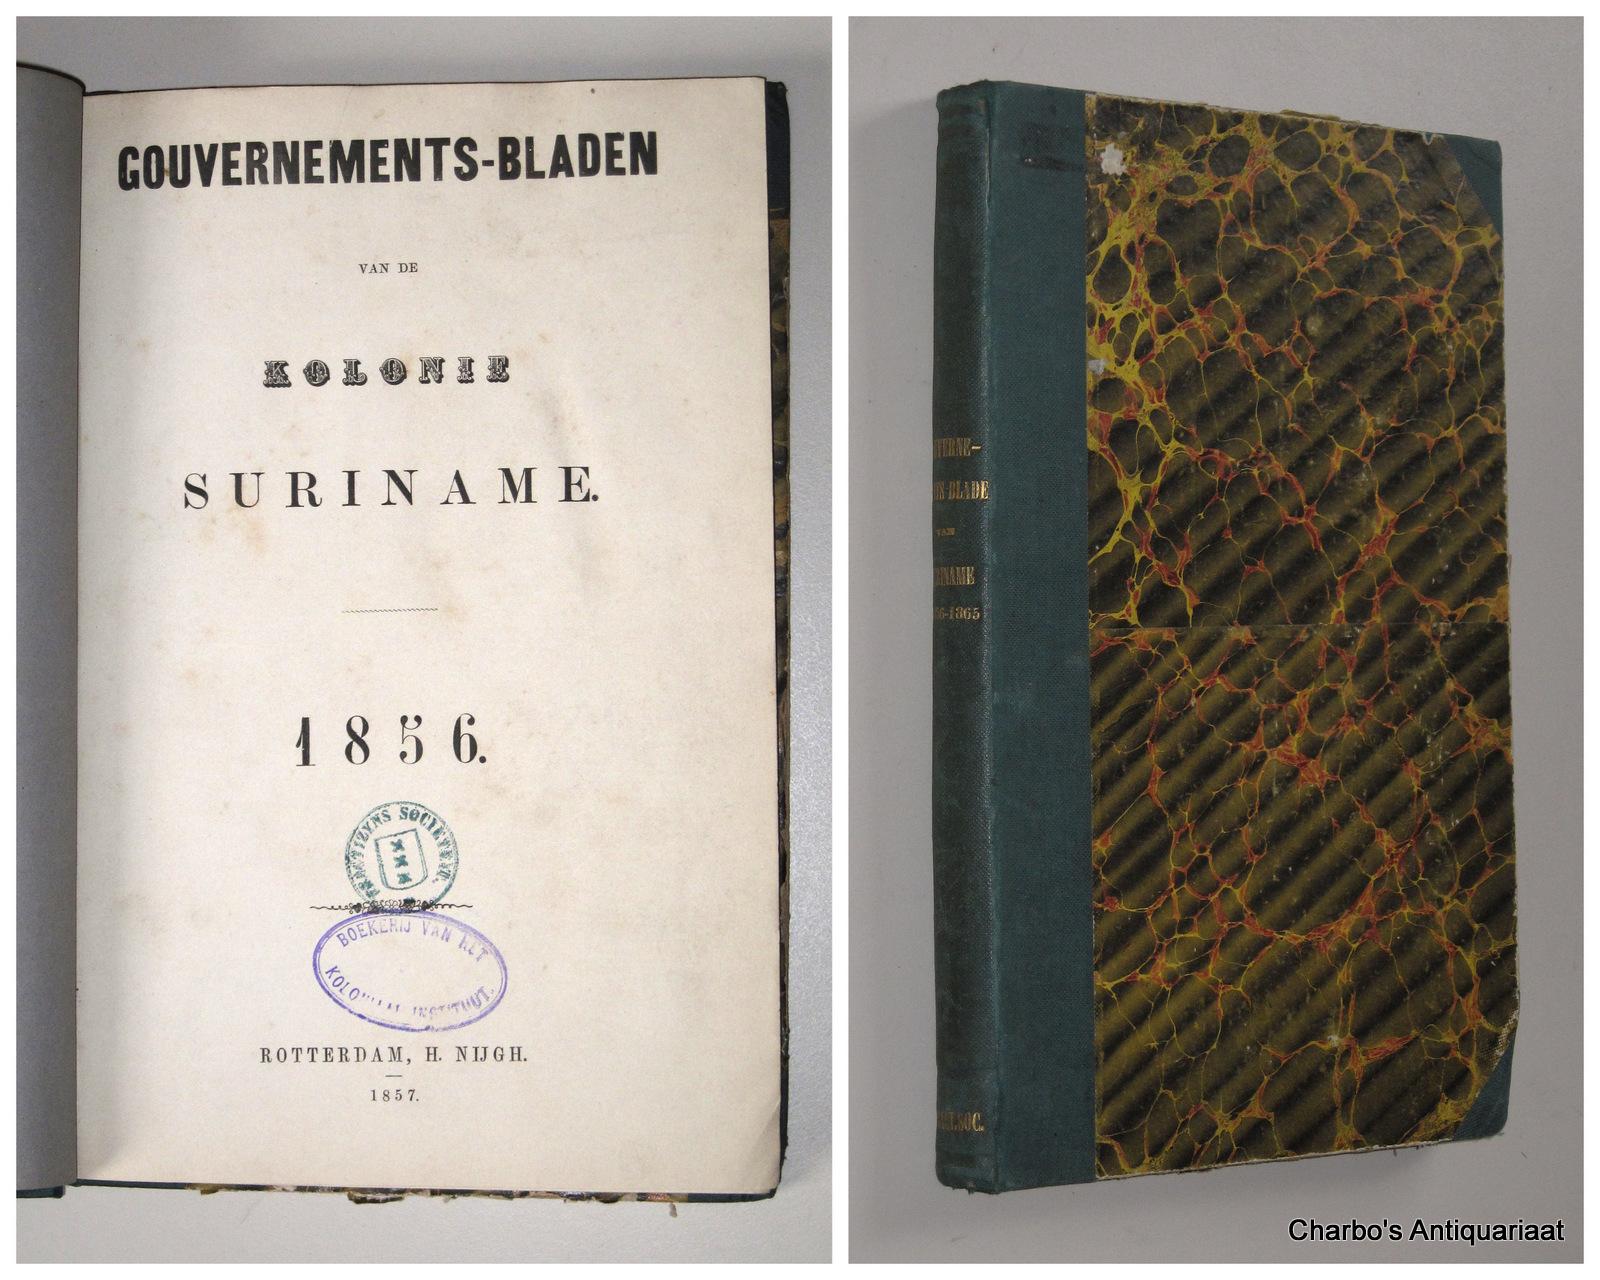 SURINAME. -  Gouvernements-bladen van de Kolonie Suriname 1856-1865.